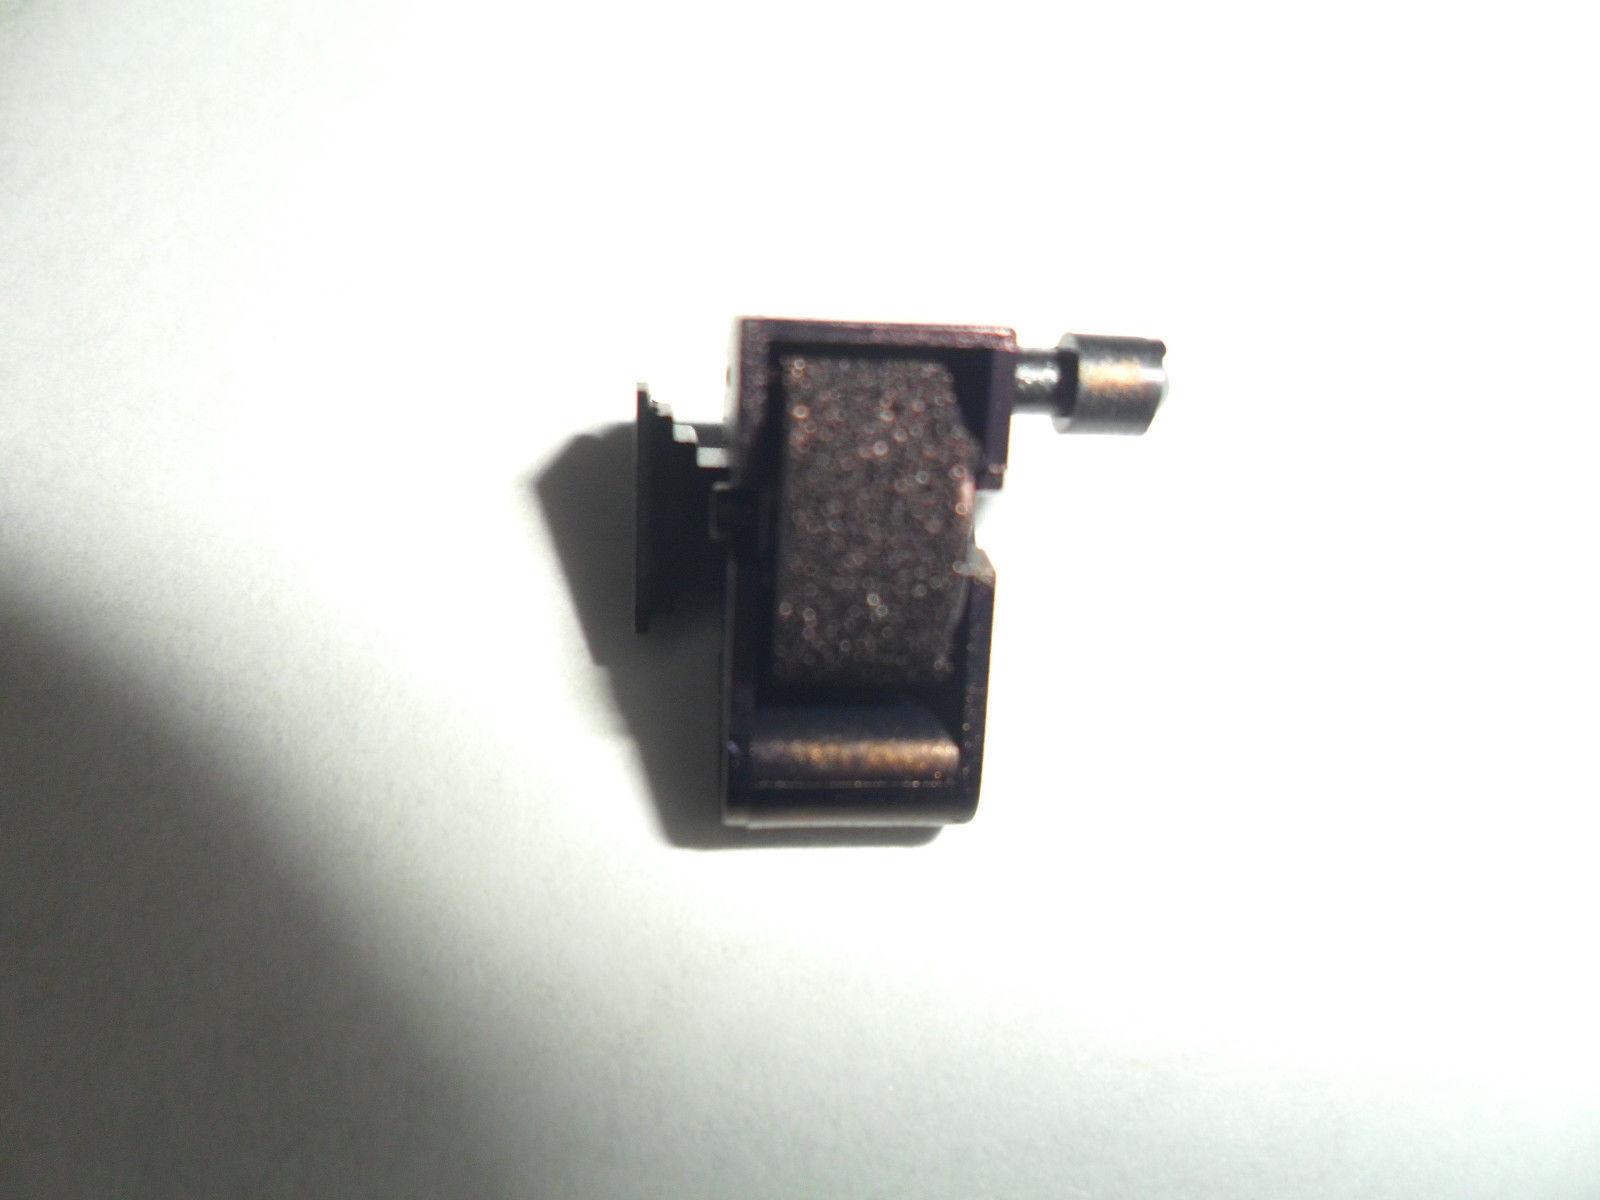 Sharp EL-1611 EL1611 Calculator Ink Roller Replaces Sharp EA-732R CP12  Purple